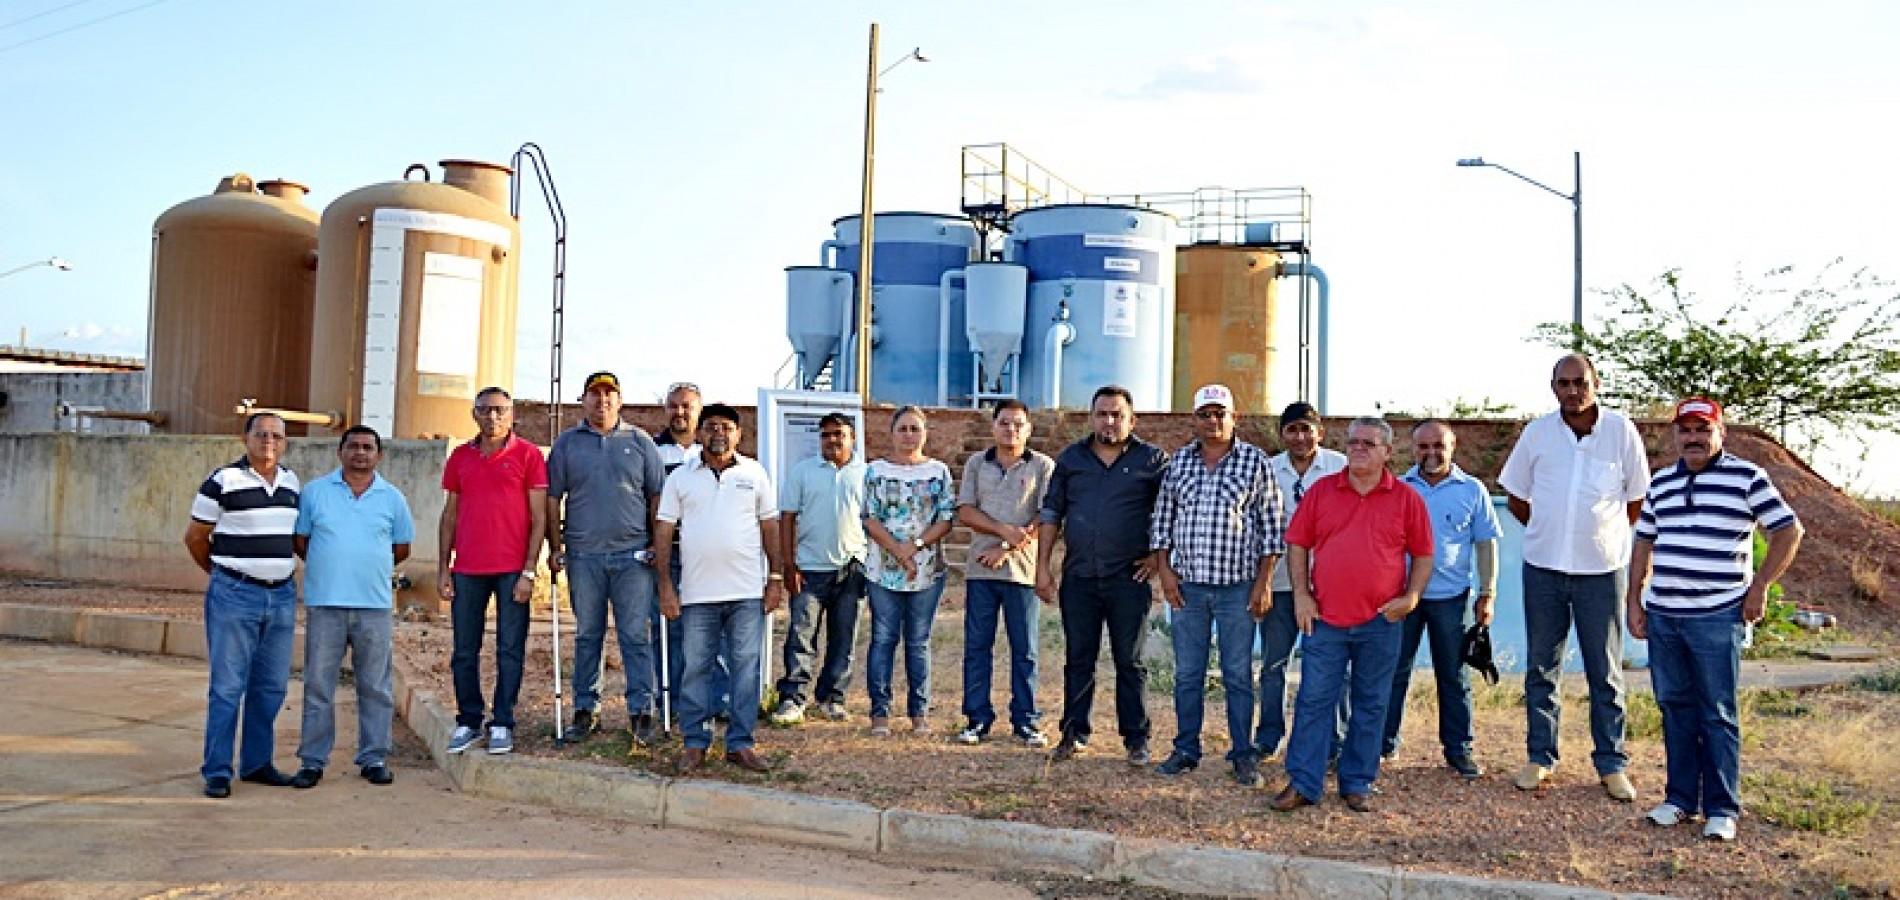 Com cidades sem água, comitivas de Simões e Curral Novo visitam barragem Poço de Marruá